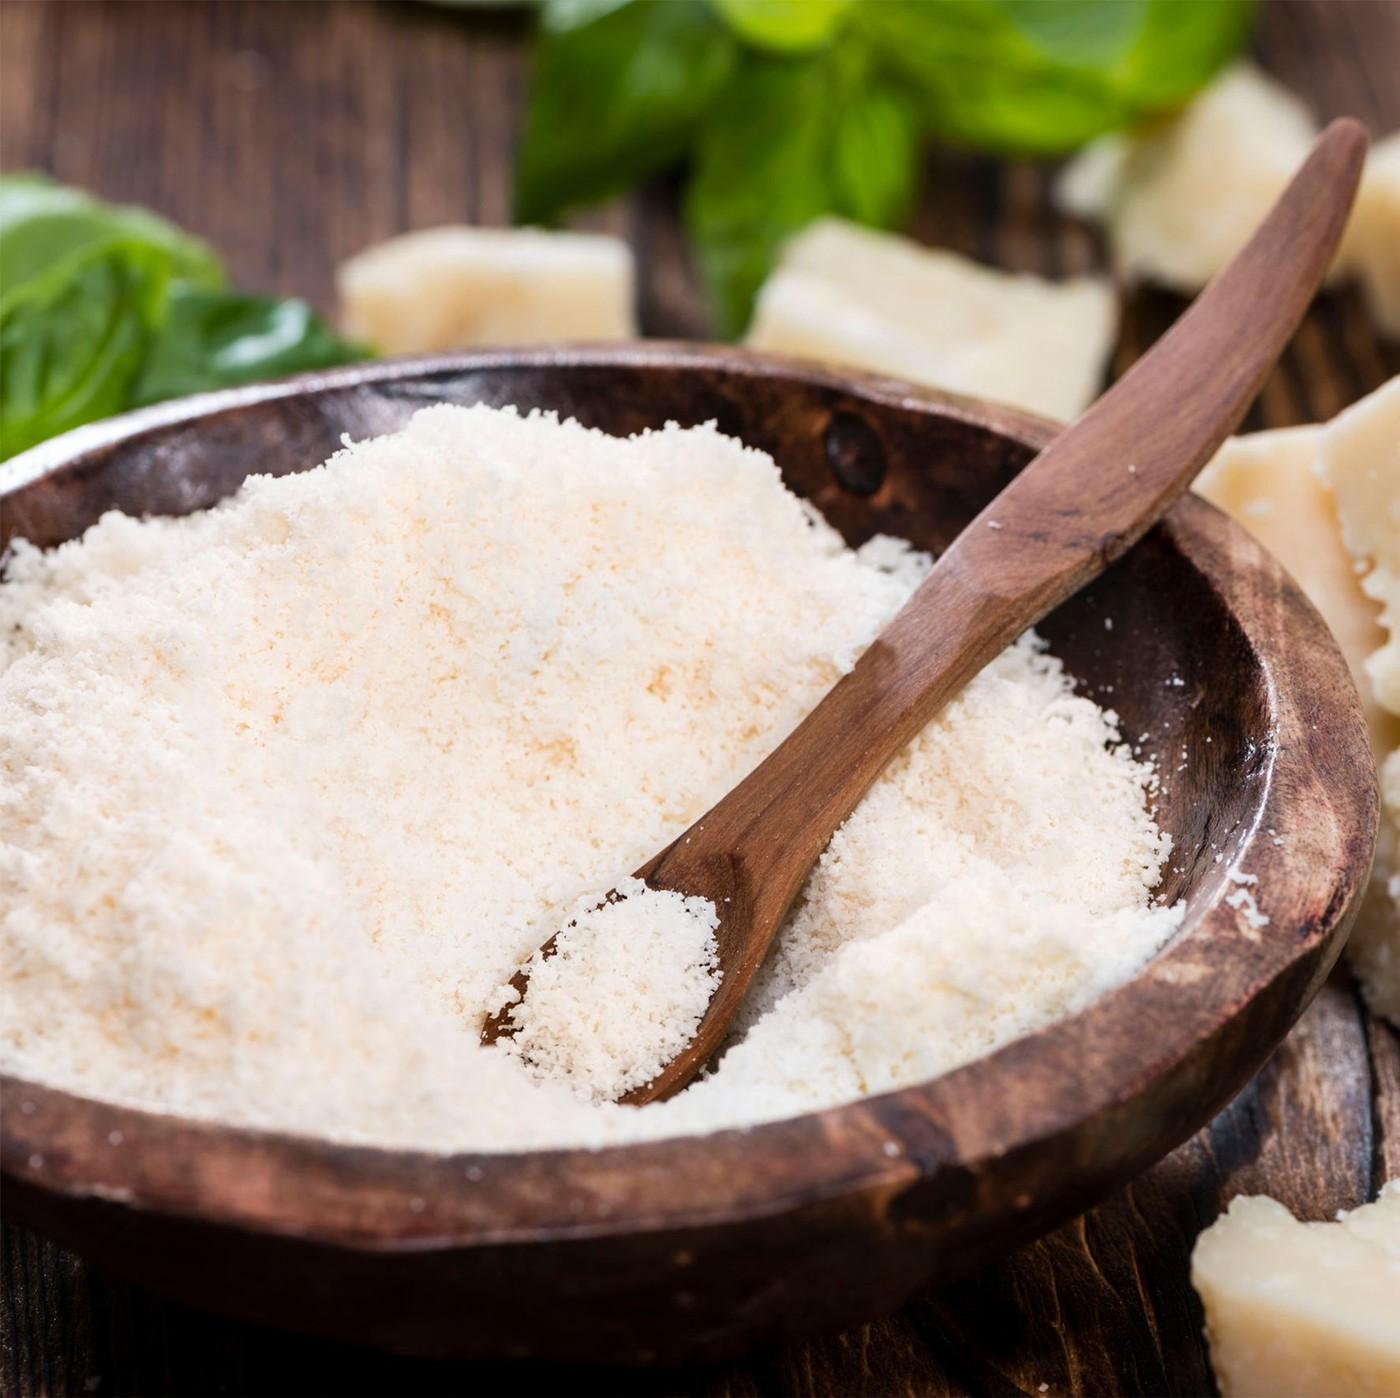 receta de Parmigiano reggiano dop rallado monoporción